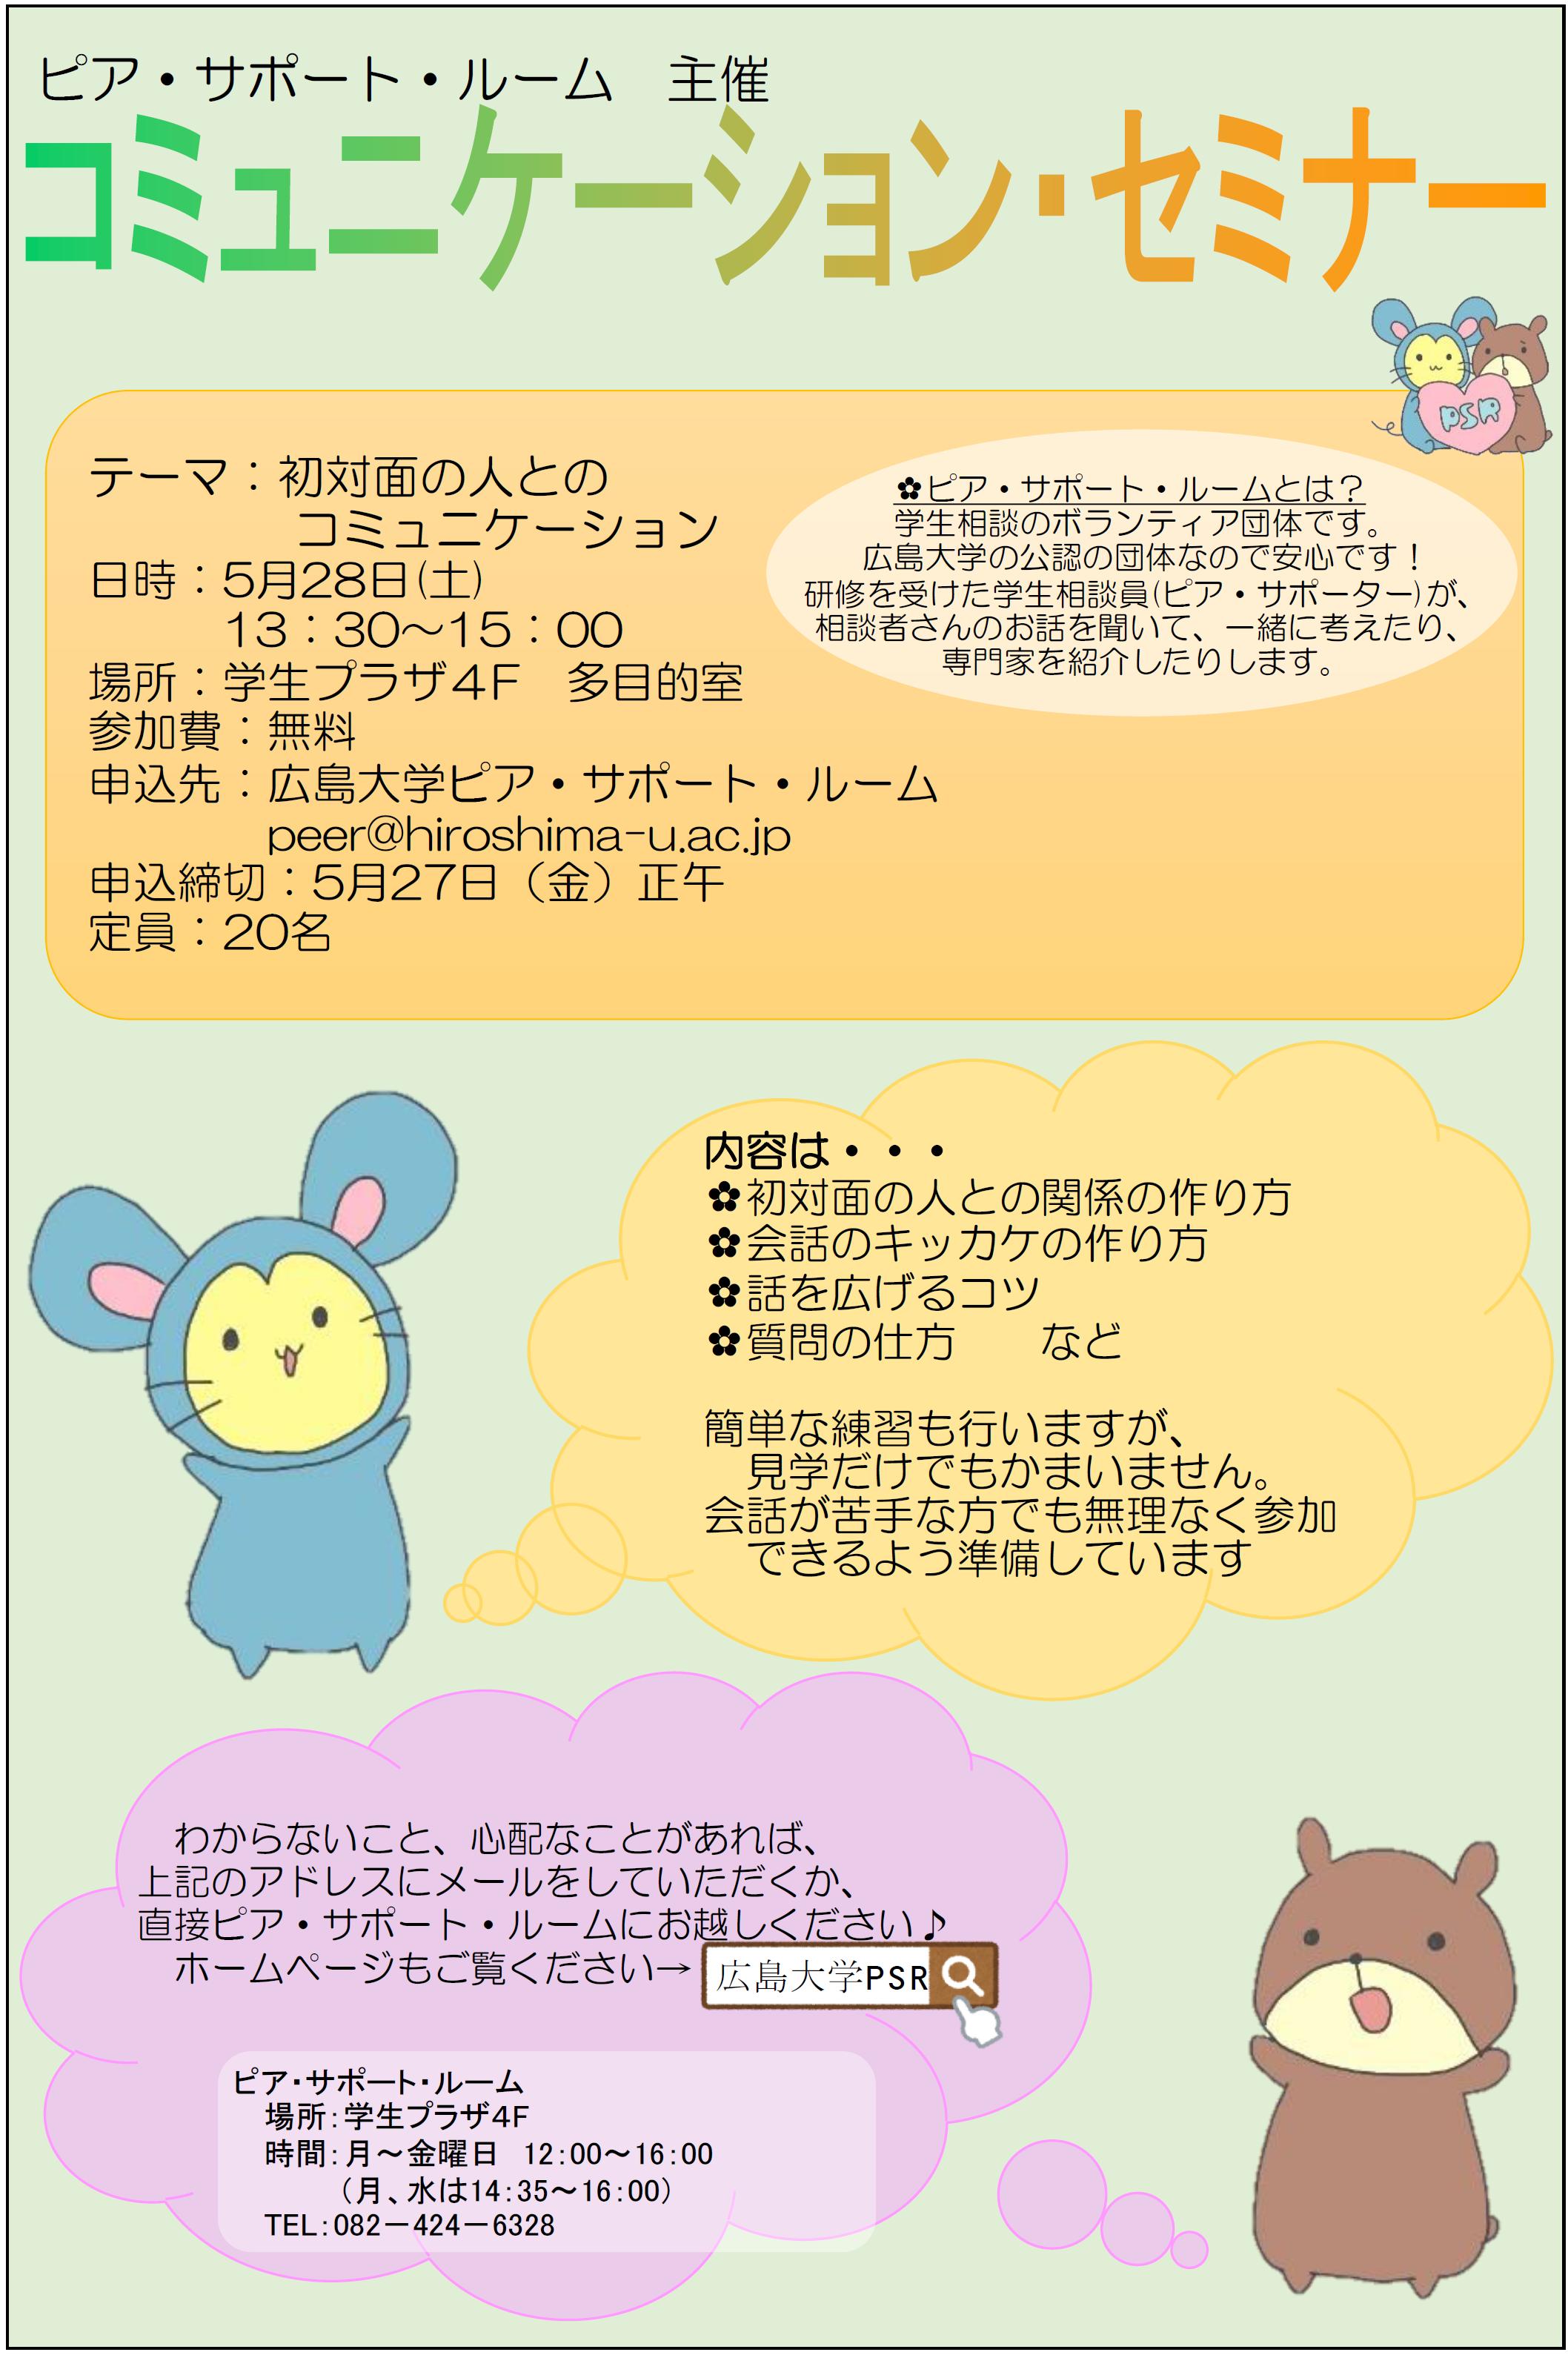 コミュニケーション・セミナーを開催します【広島大学ピア・サポート・ルーム】